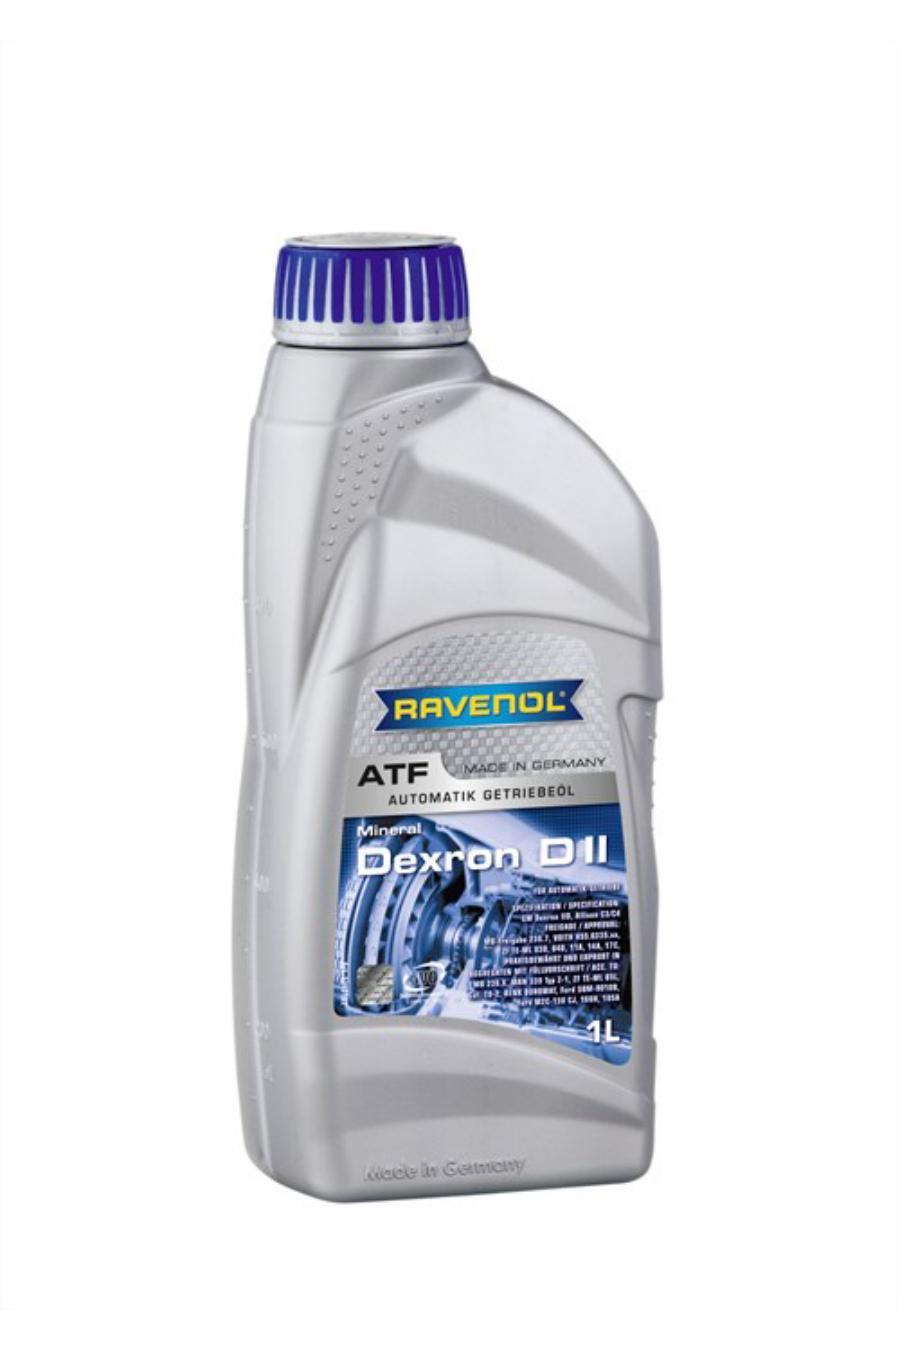 Трансмиссионное масло ravenol atf dexron dii ( 1л) new